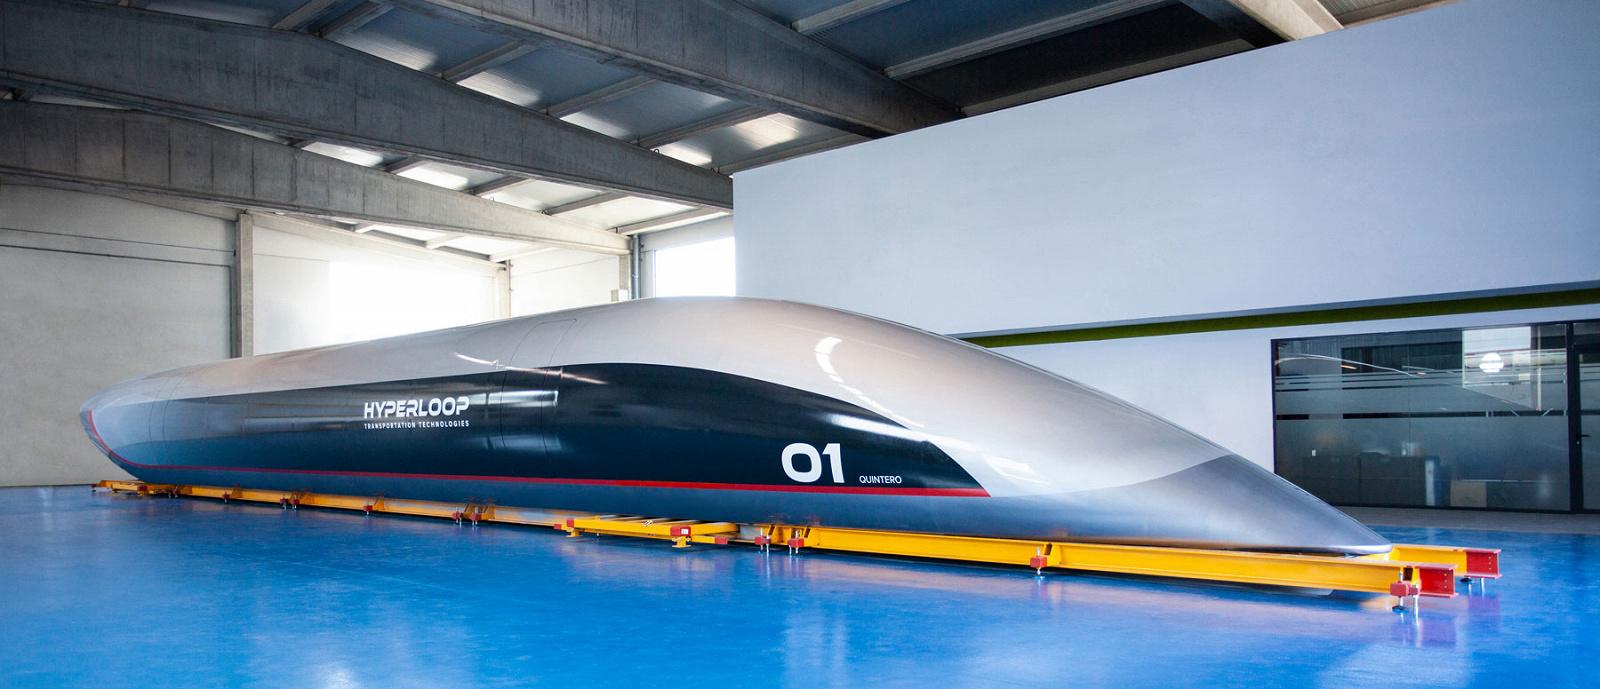 Перша лінія Hyperloop відкриється в 2022 році 4